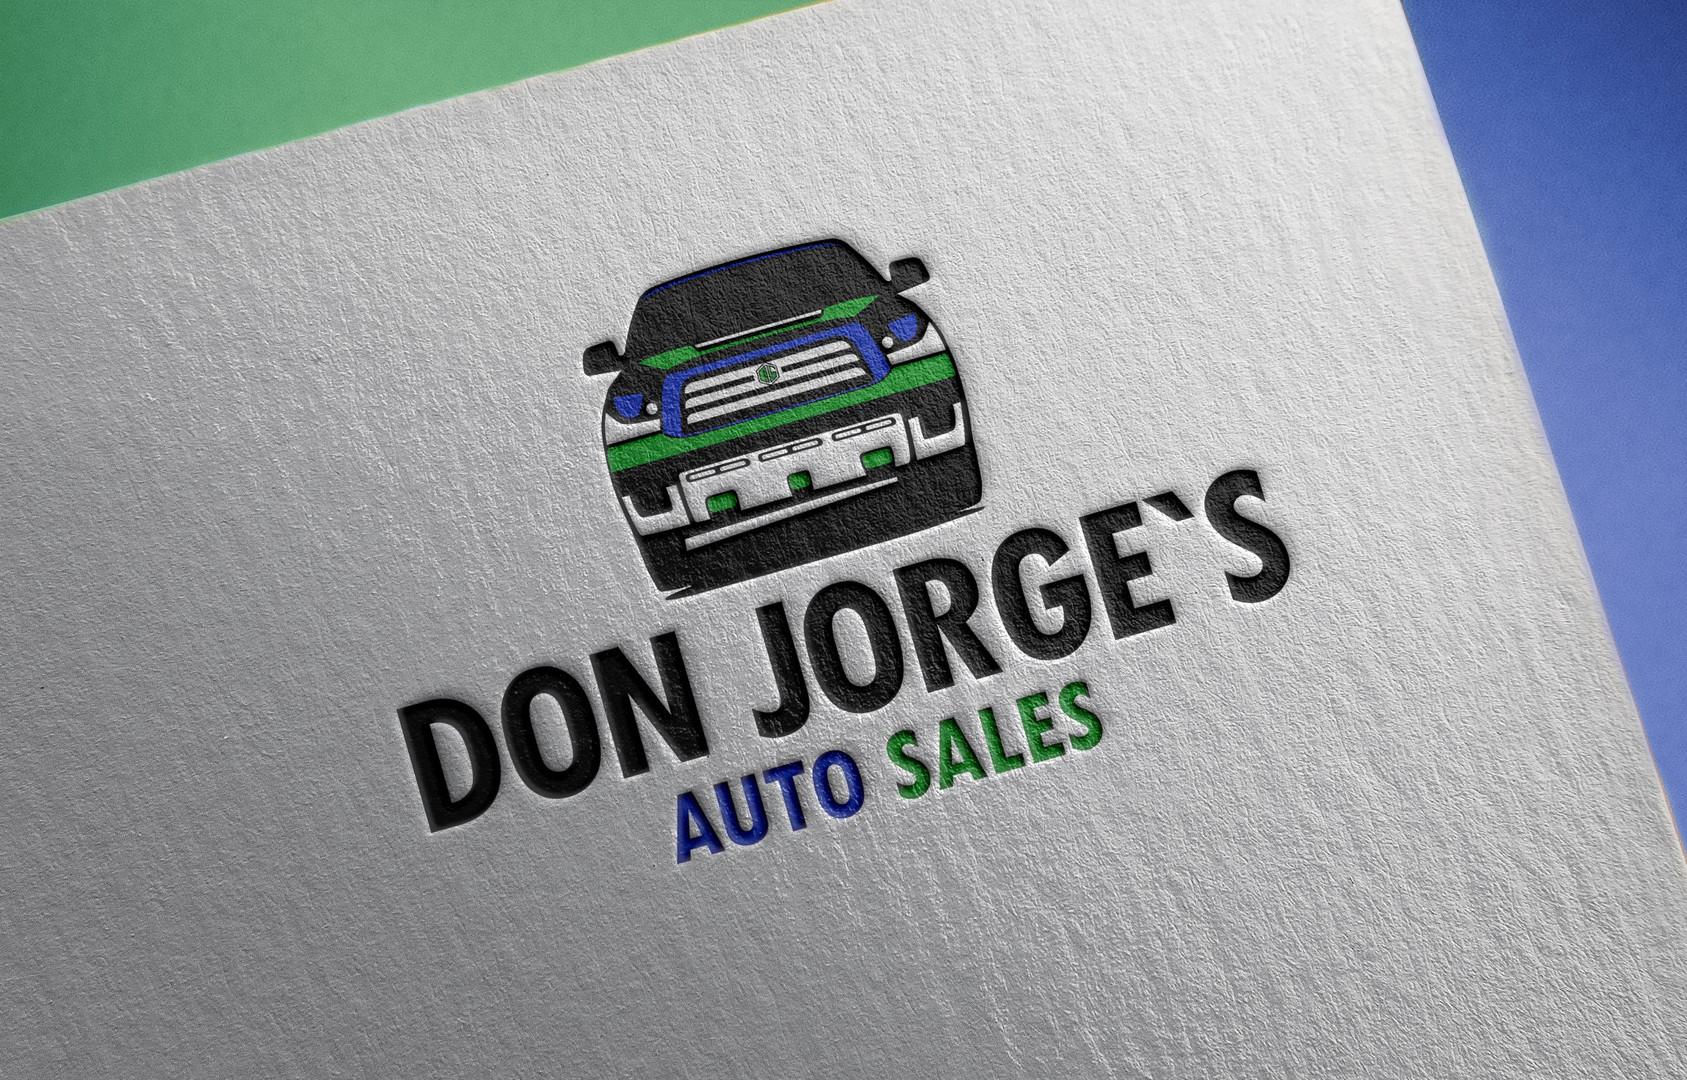 DON JORGE´S AUTO SALE